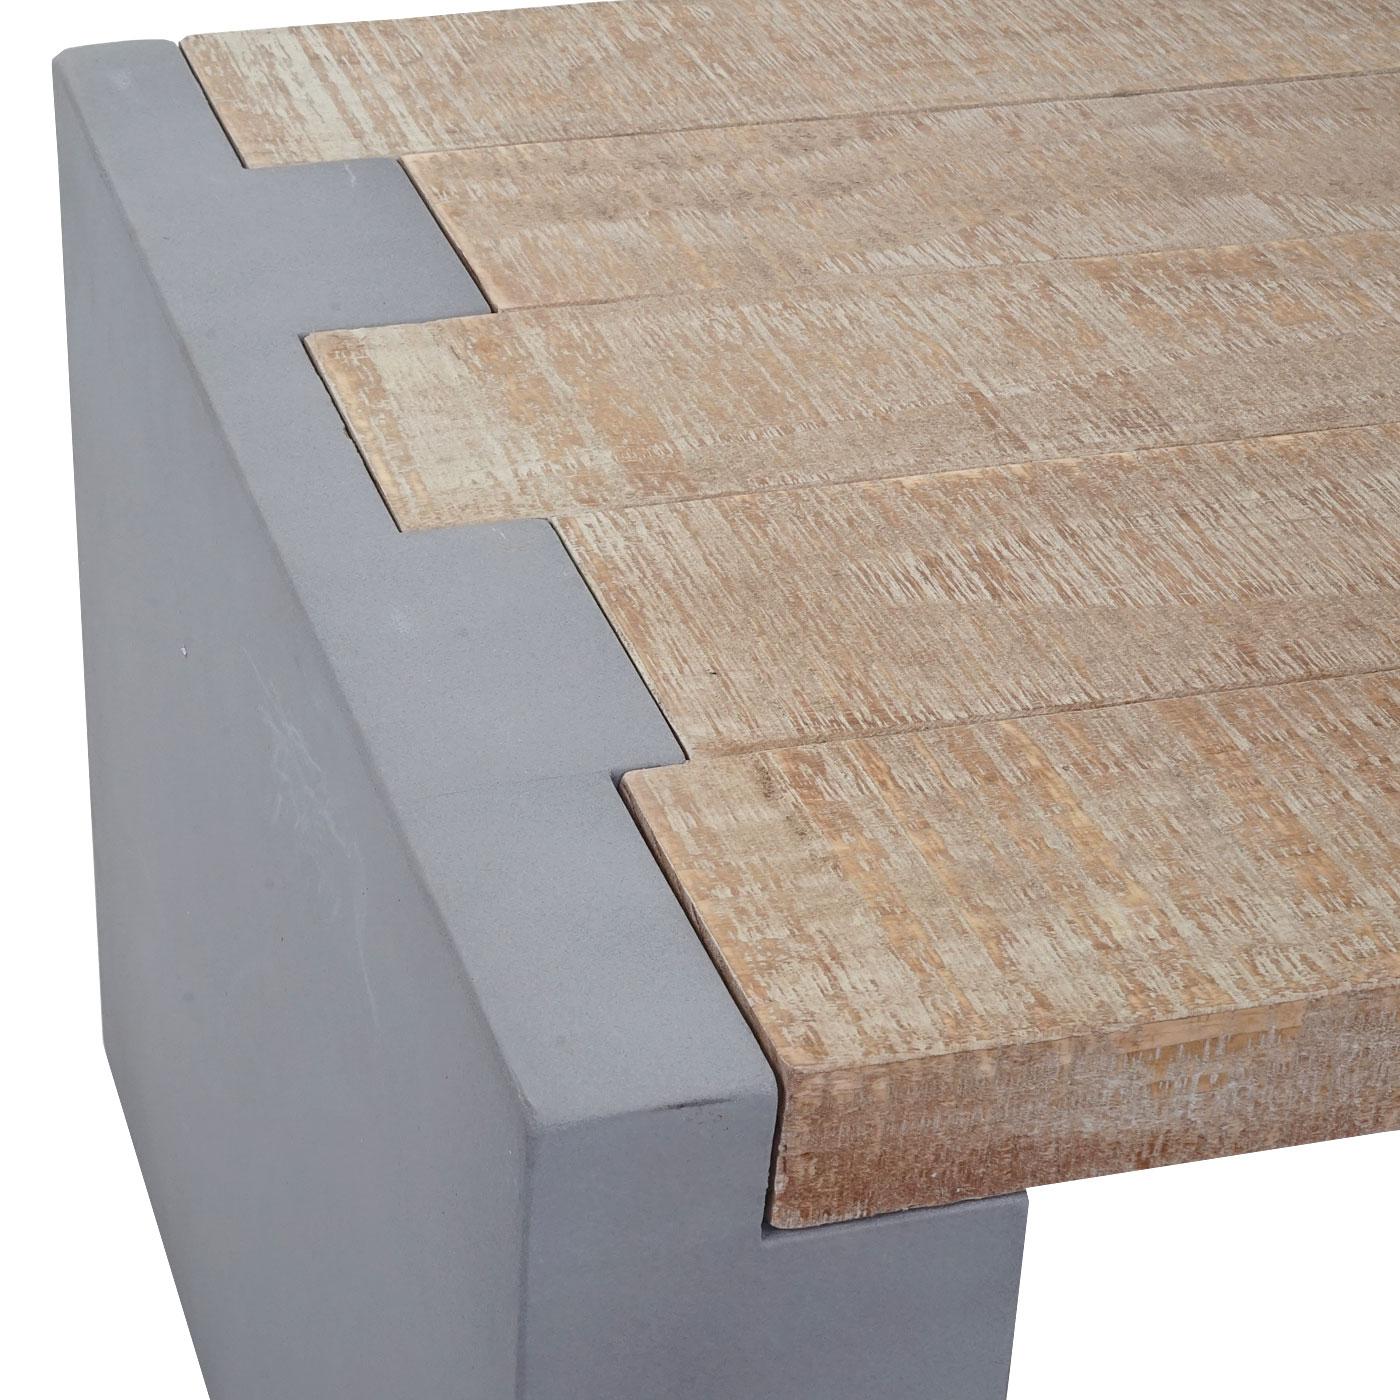 couchtisch hwc a15 wohnzimmertisch beton optik tanne. Black Bedroom Furniture Sets. Home Design Ideas